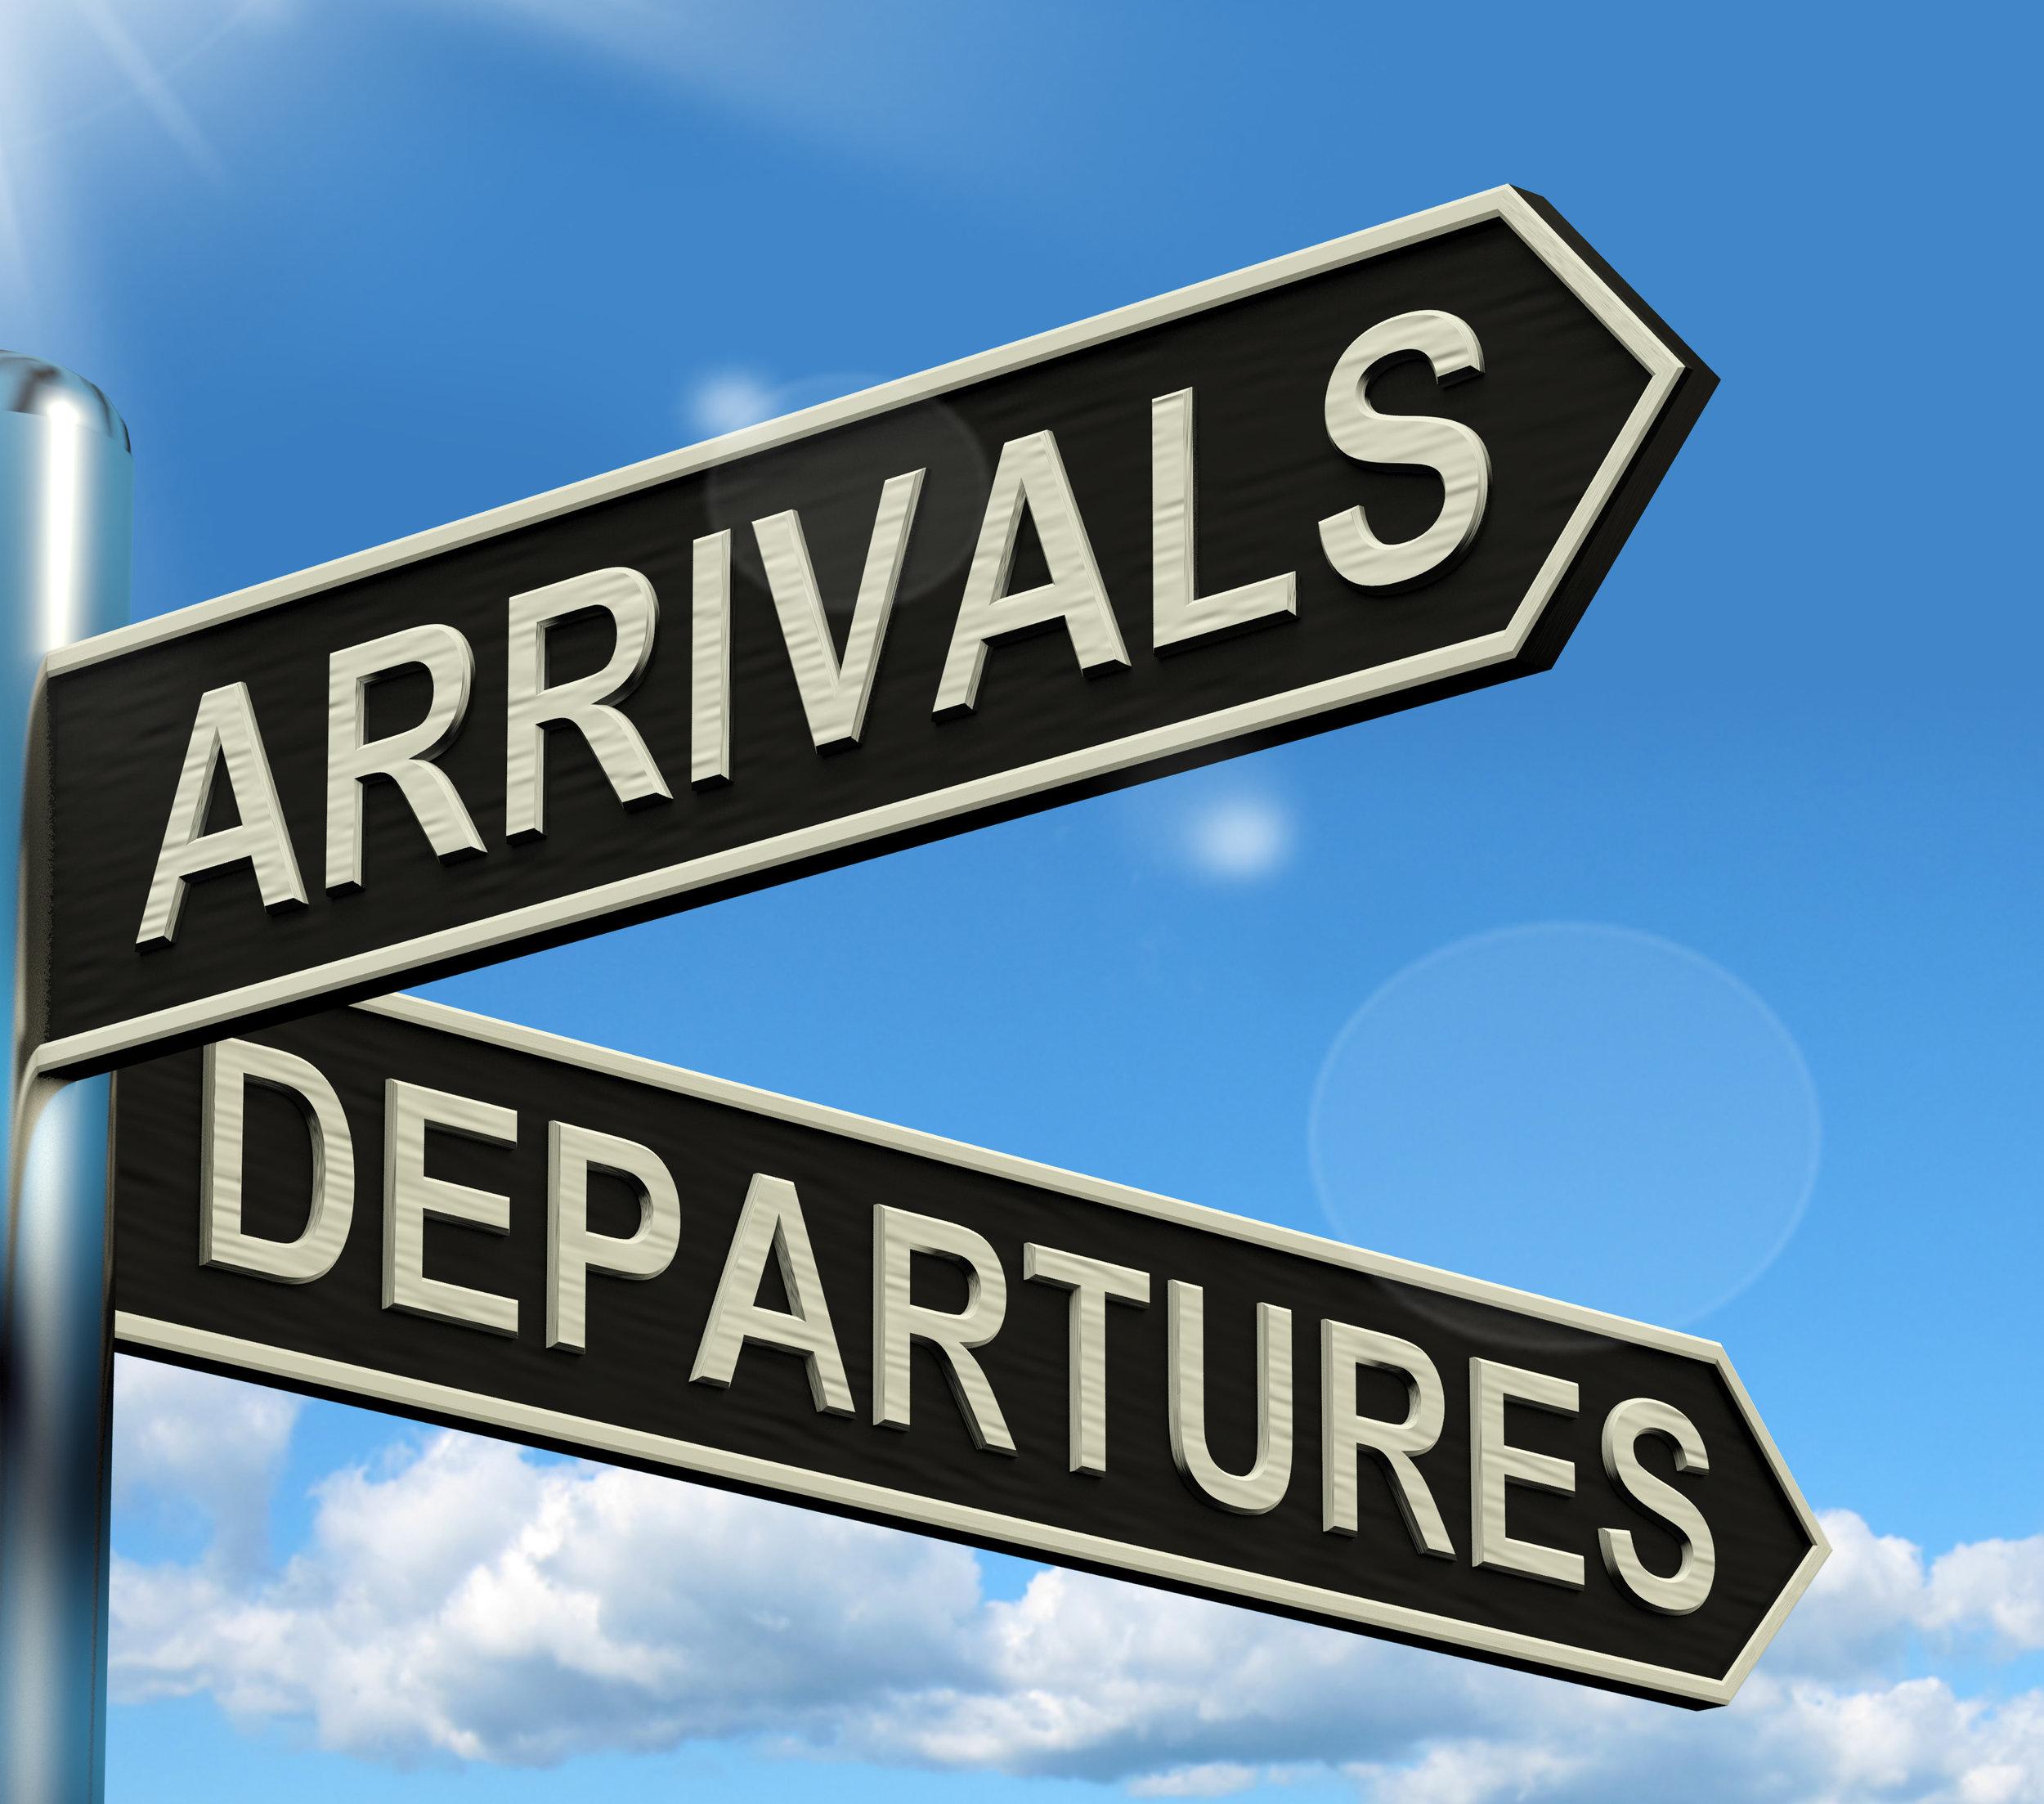 Arrivals Departures International Medical Travel